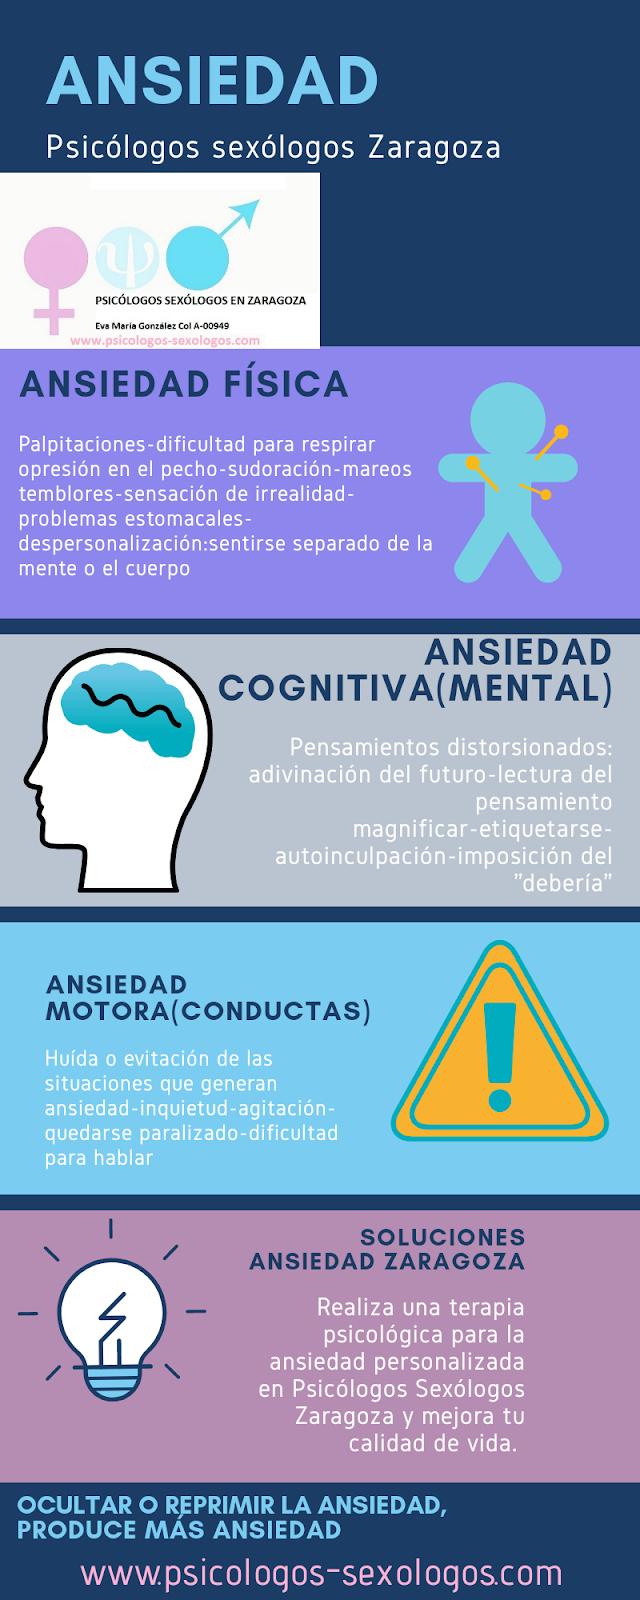 infografía terapia ansiedad Zaragoza